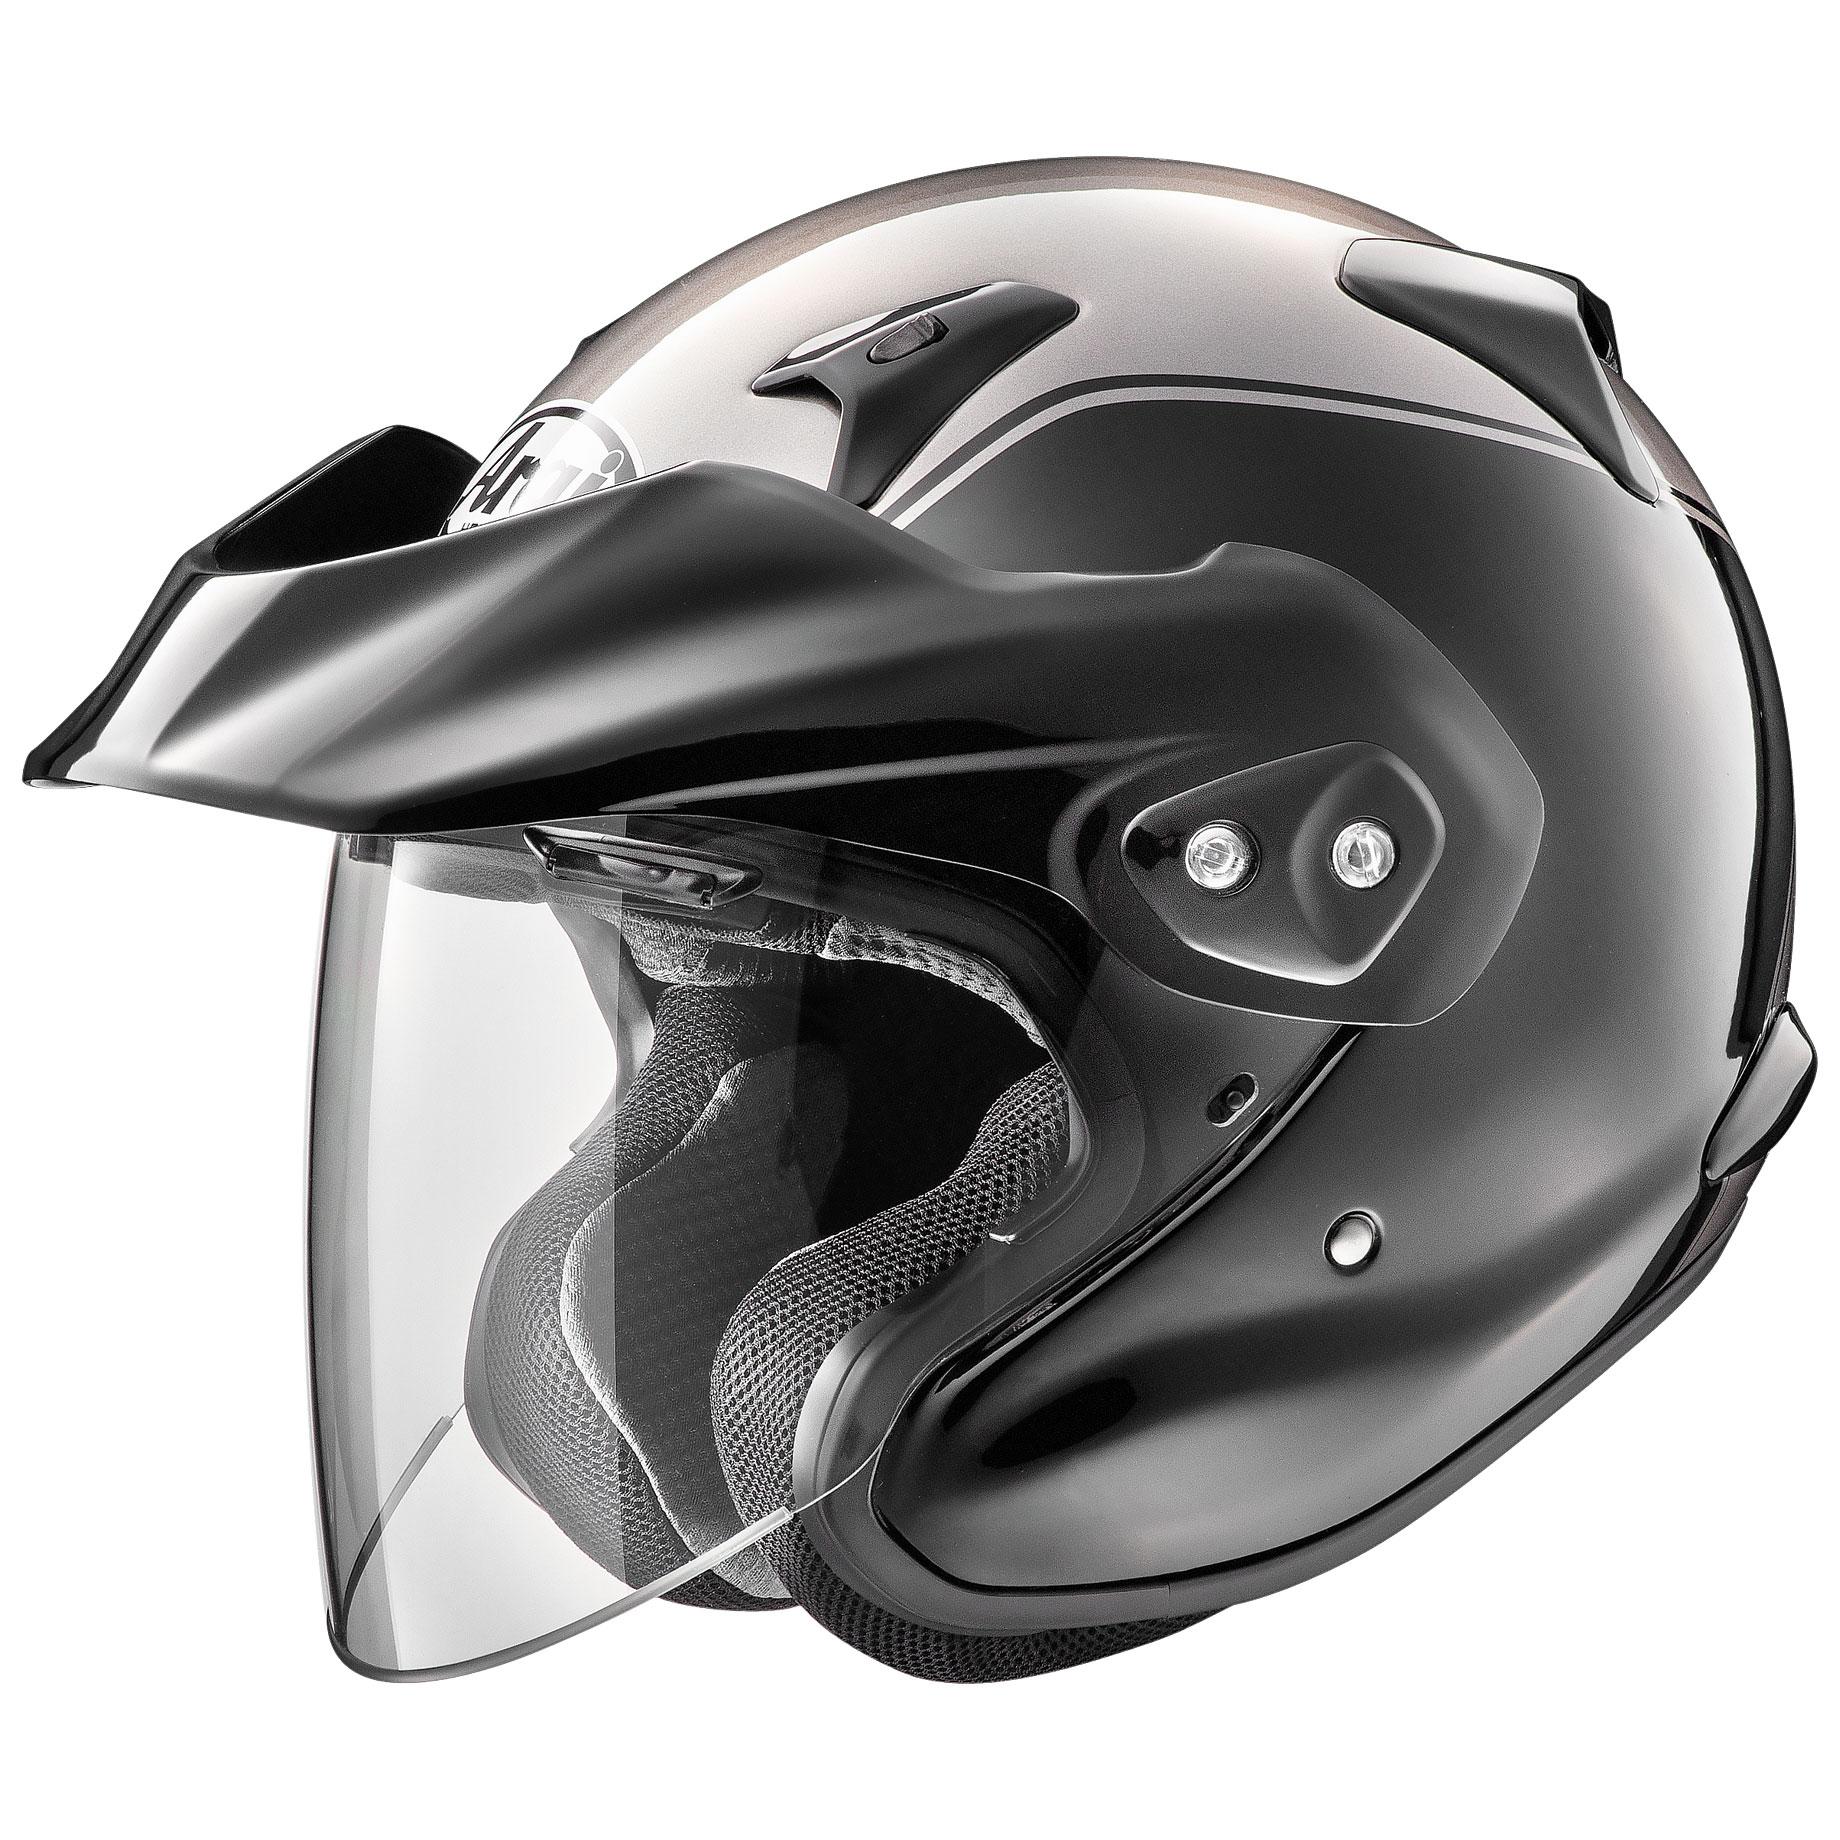 Arai XC-W Gold Wing Gray Open Face Helmet